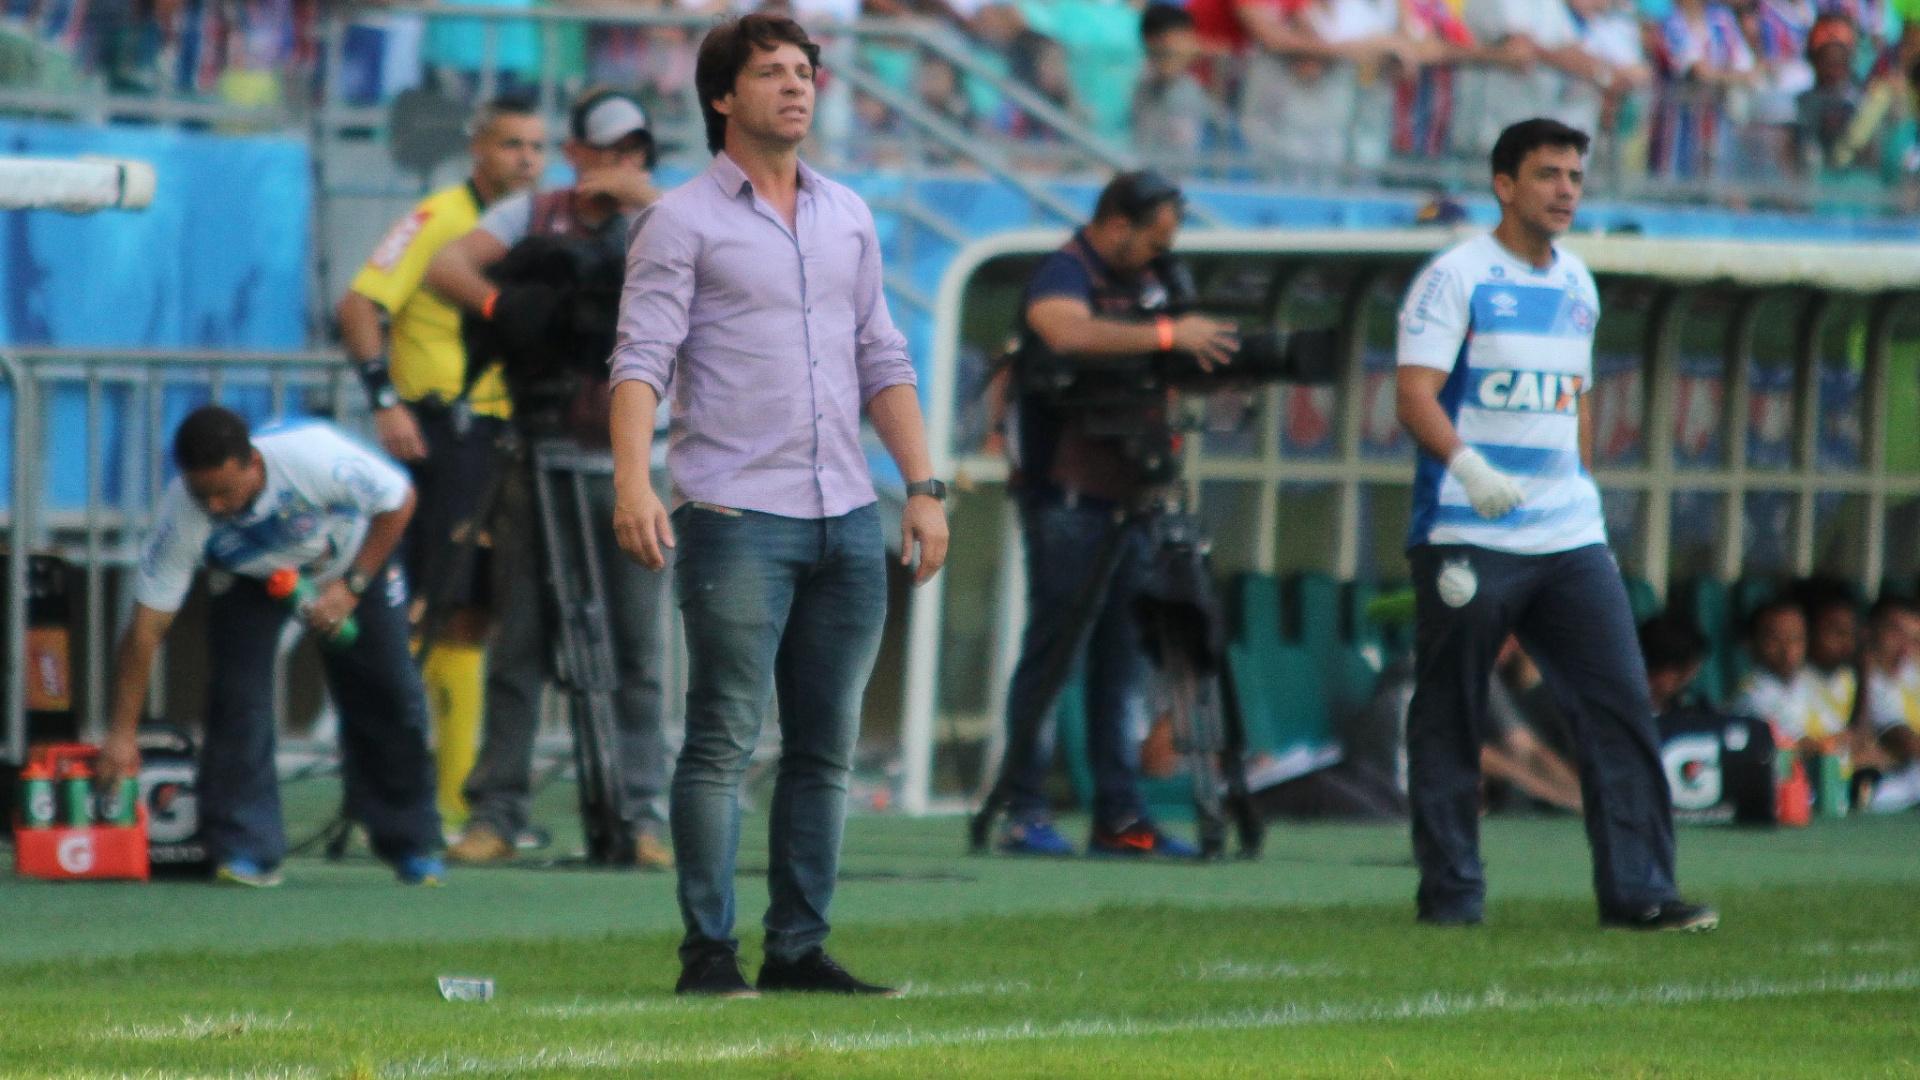 Preto Casagrande, técnico do Bahia, observa o time durante jogo contra o Vasco